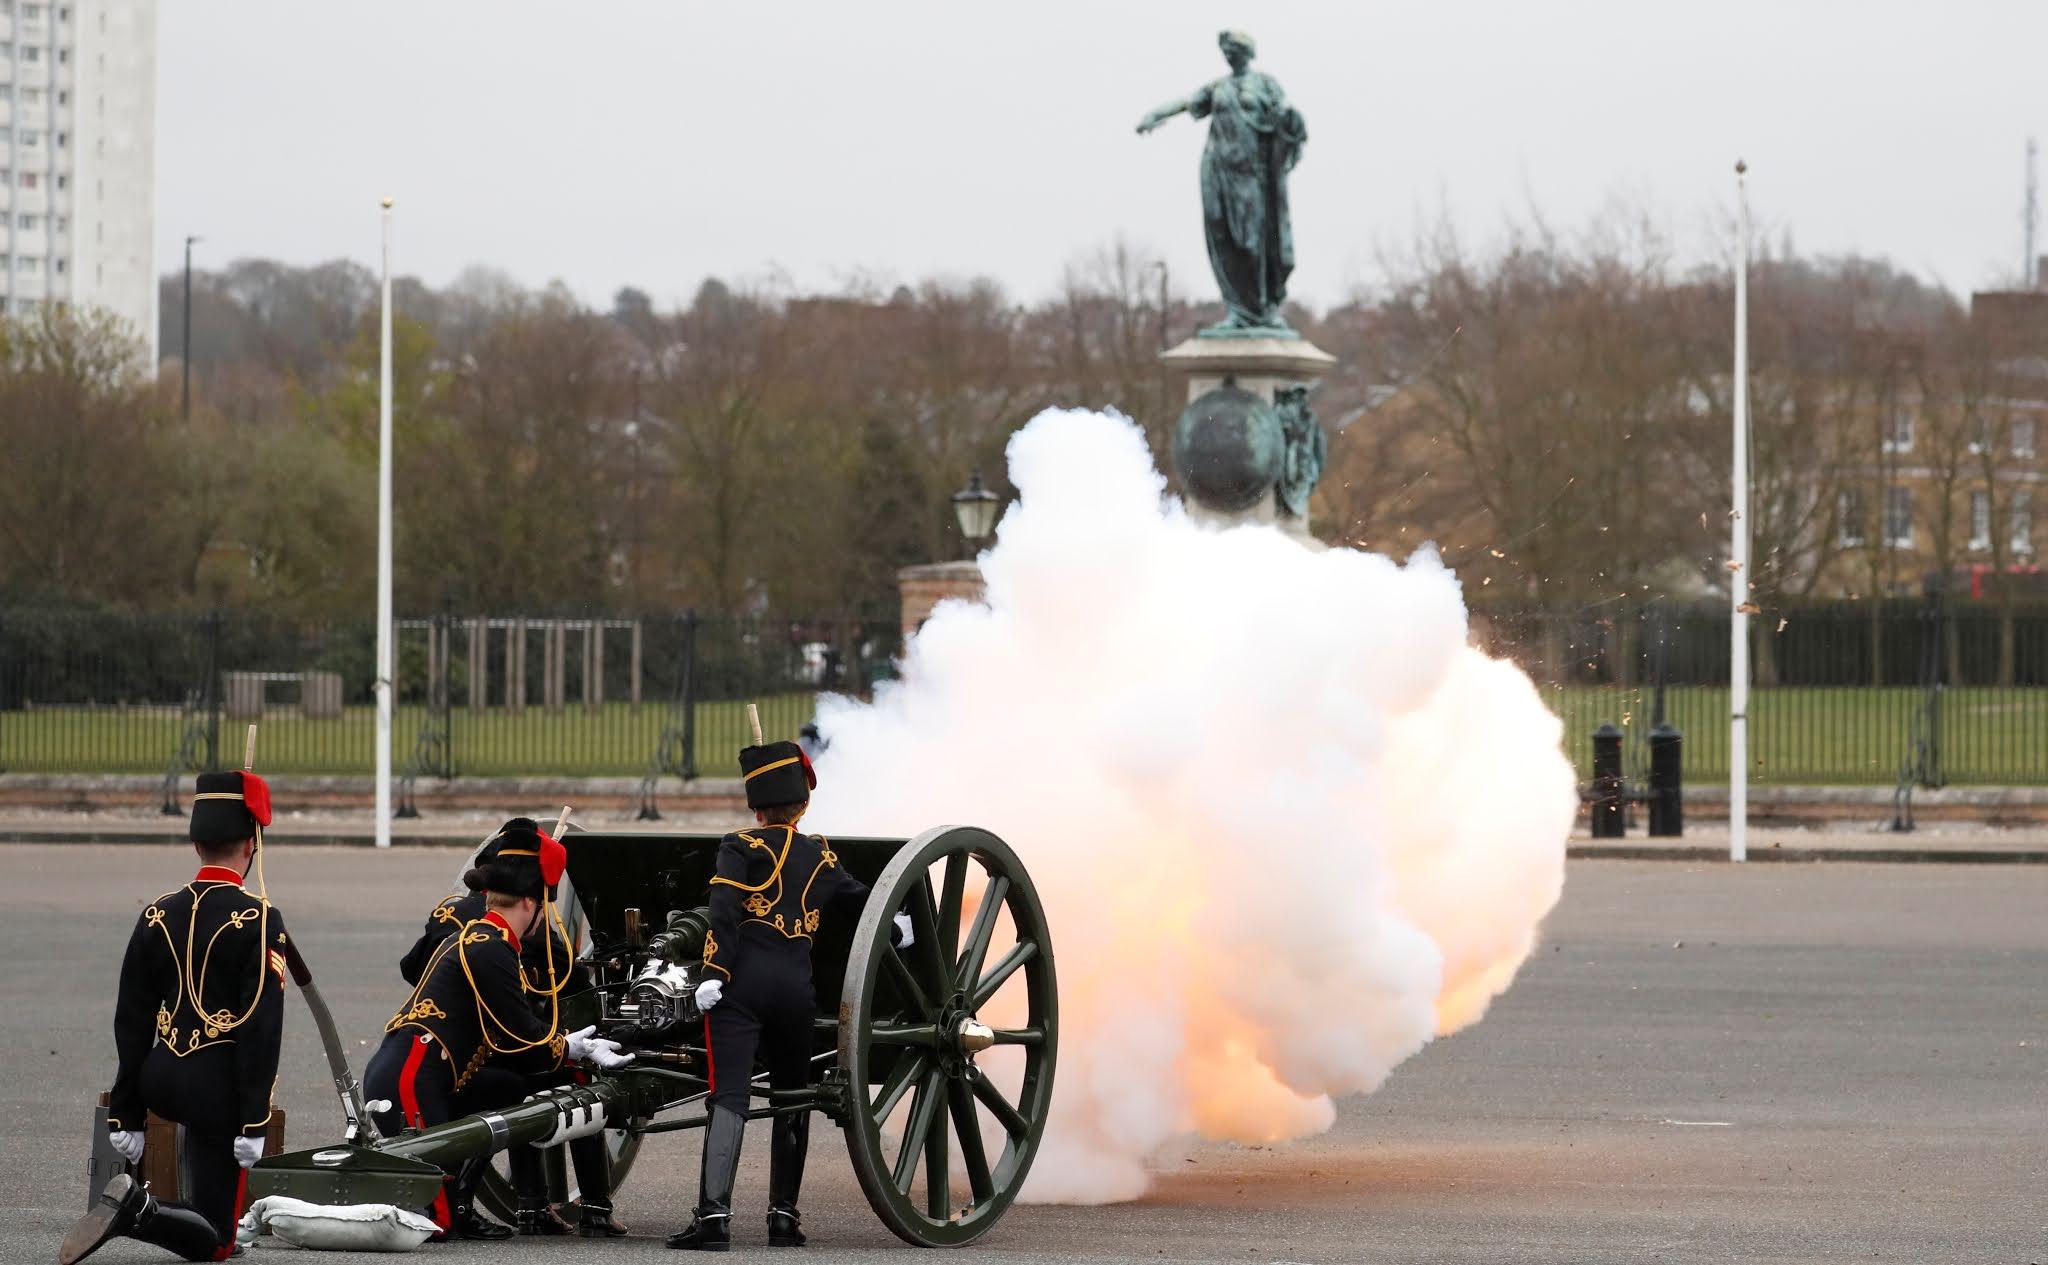 El Reino Unido le rindió tributo al príncipe Felipe con salvas de cañón